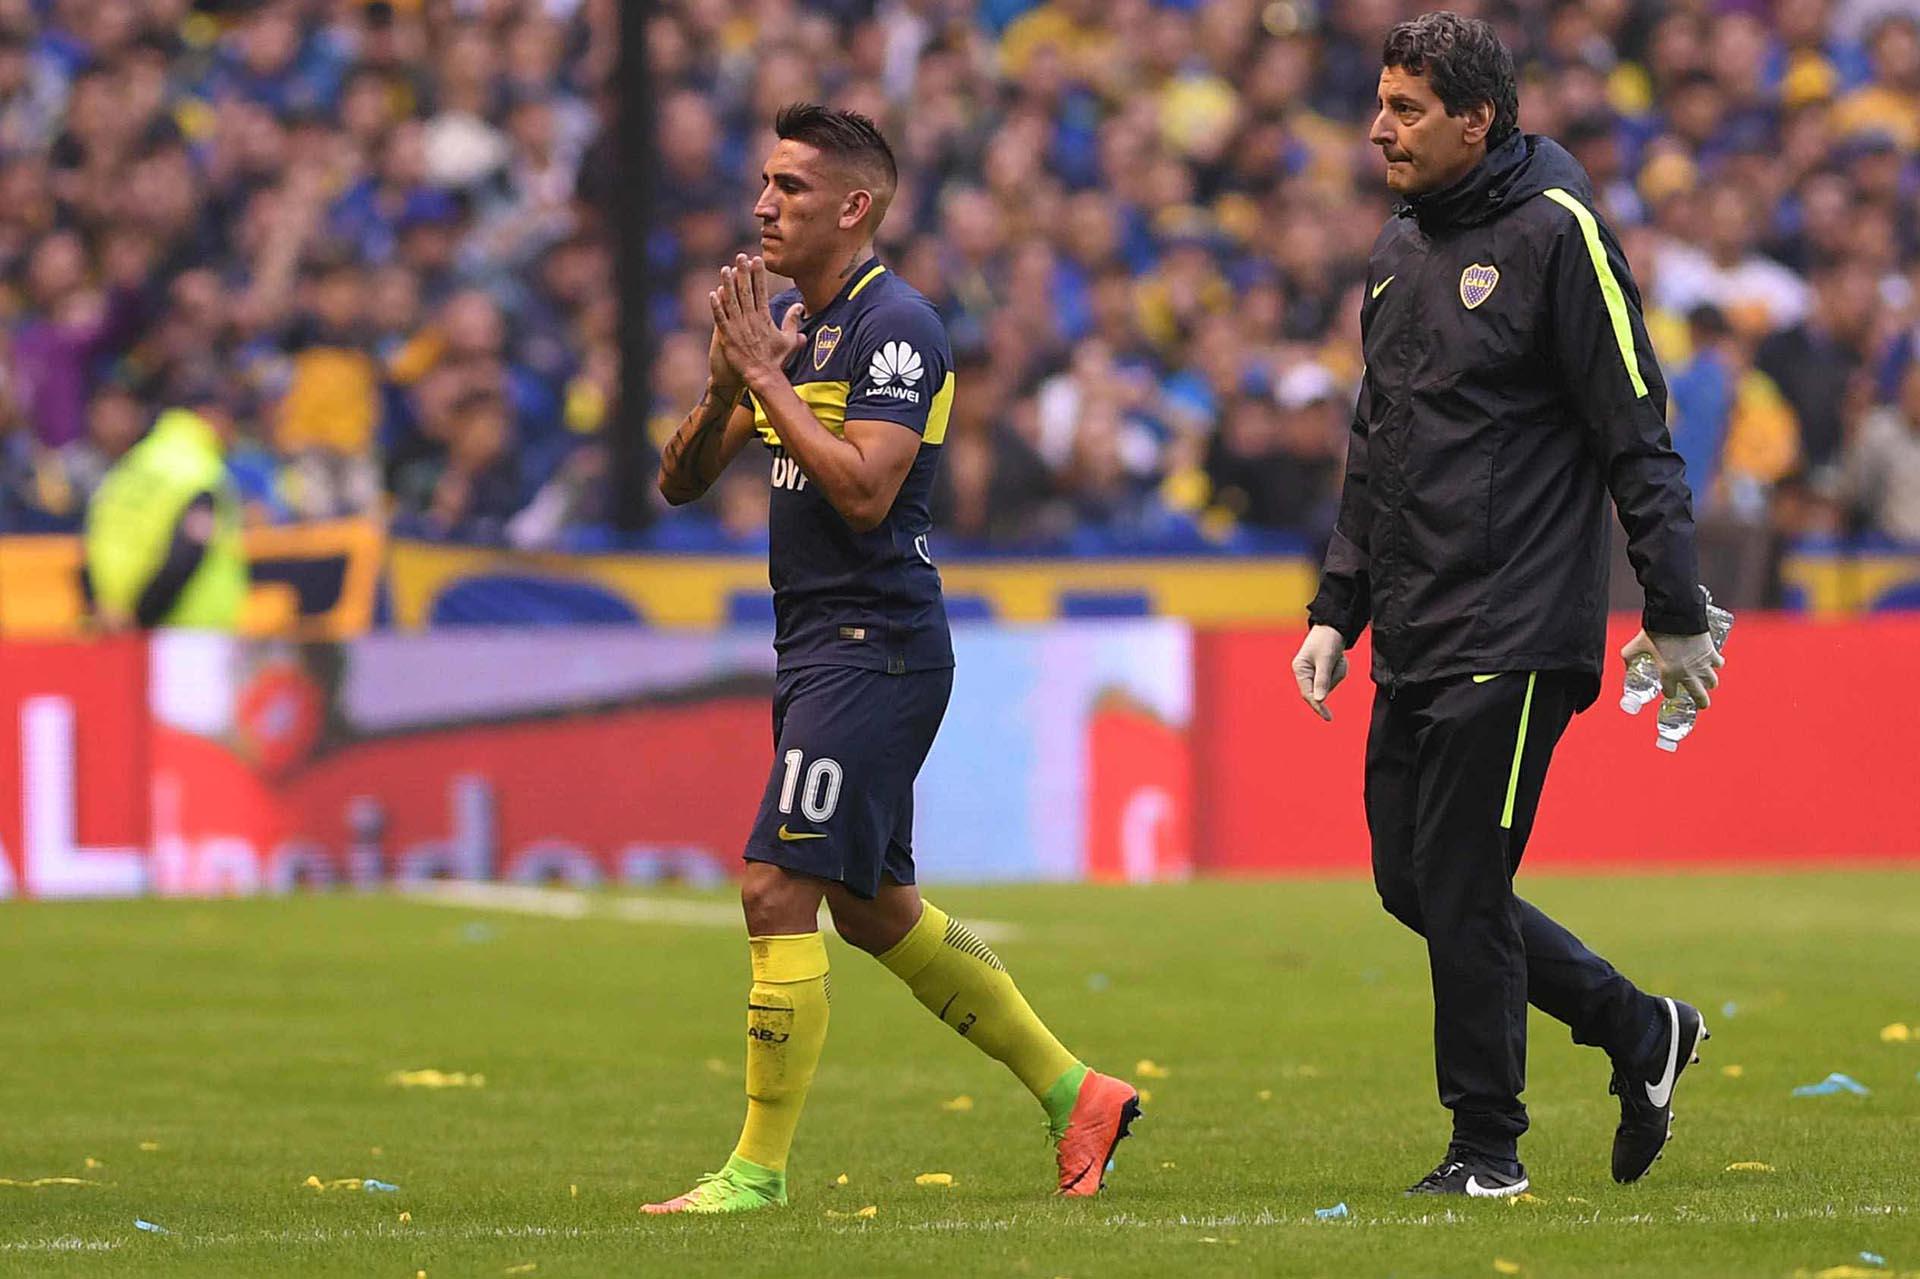 Ricardo Centurión se retira lesionado en los primeros minutos del primer tiempo del superclásico